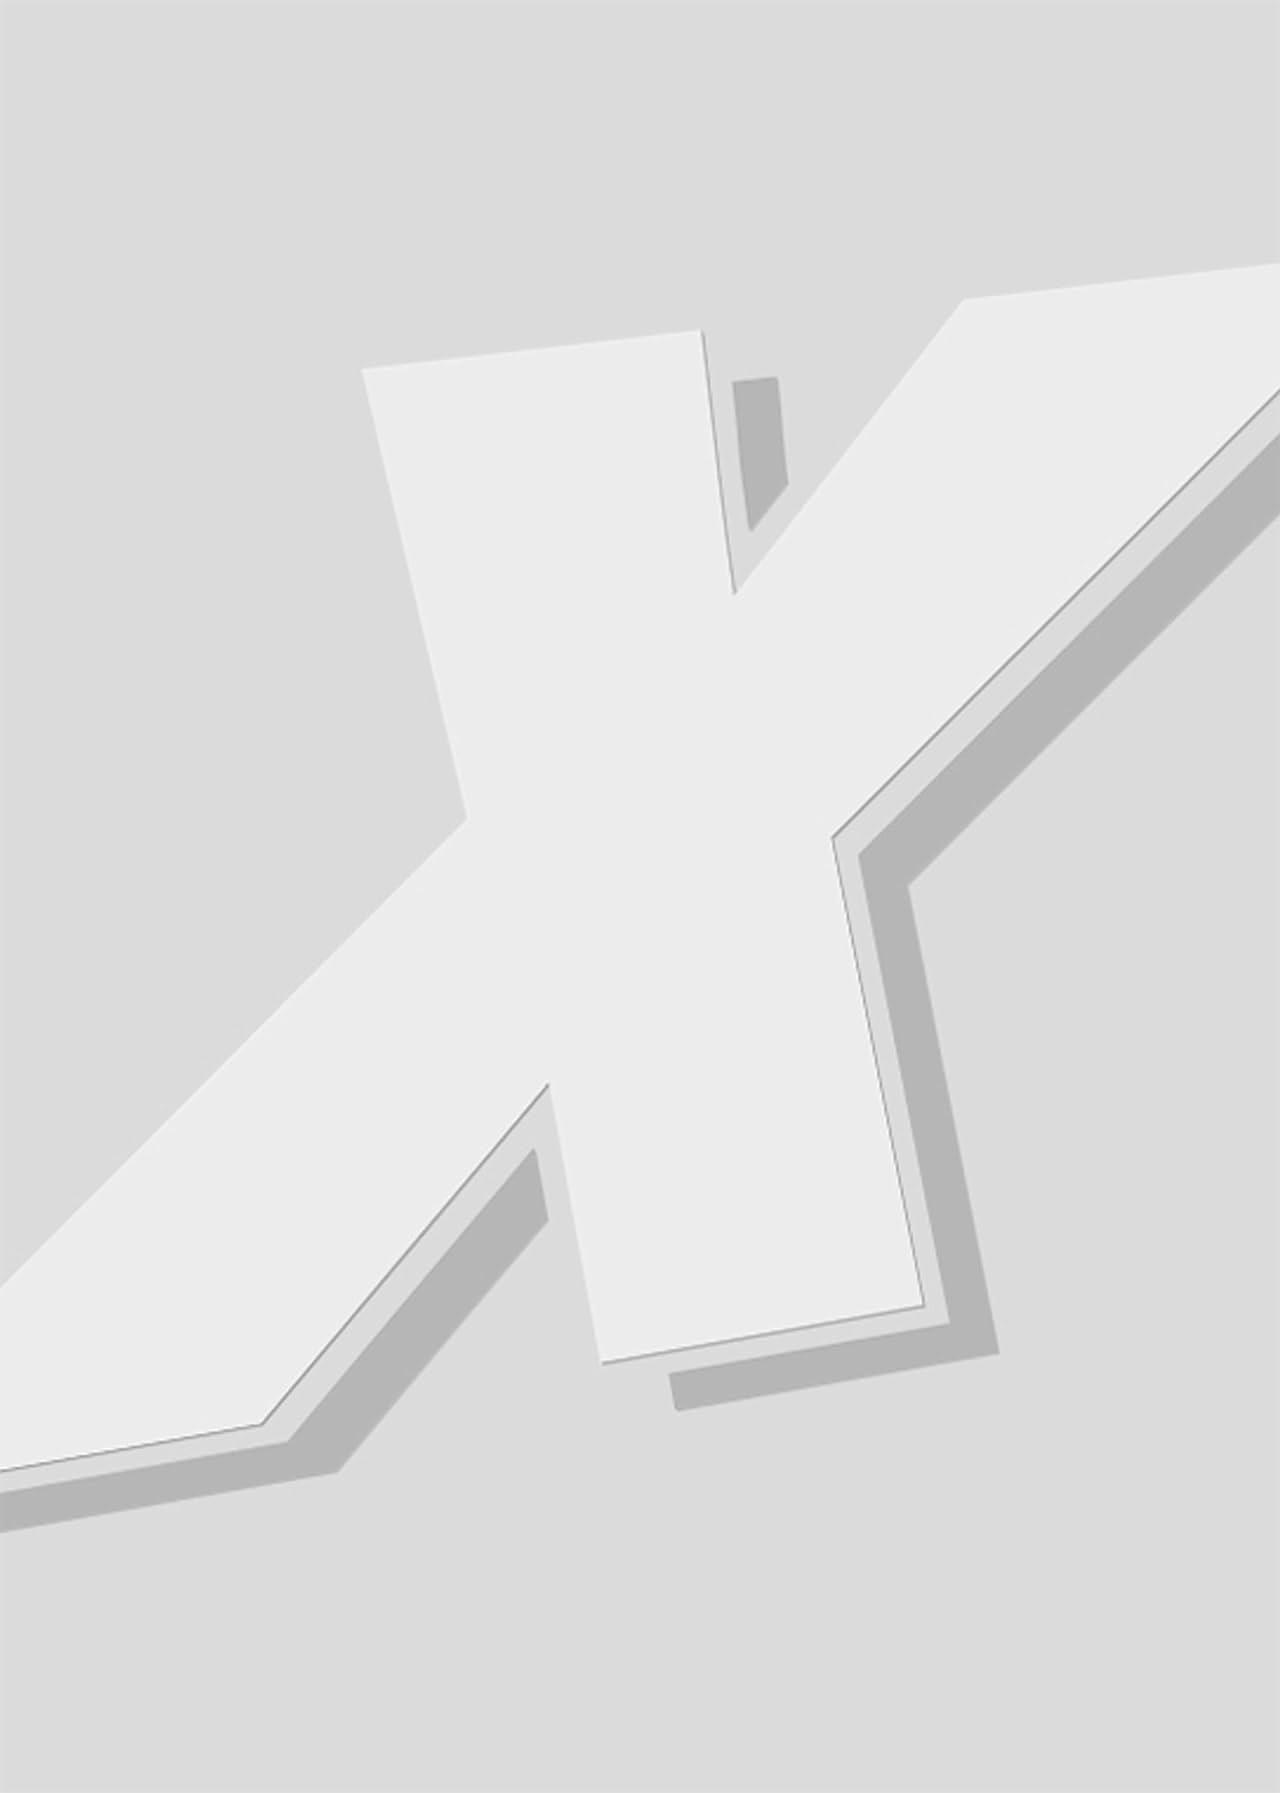 Kramers Ergot #10